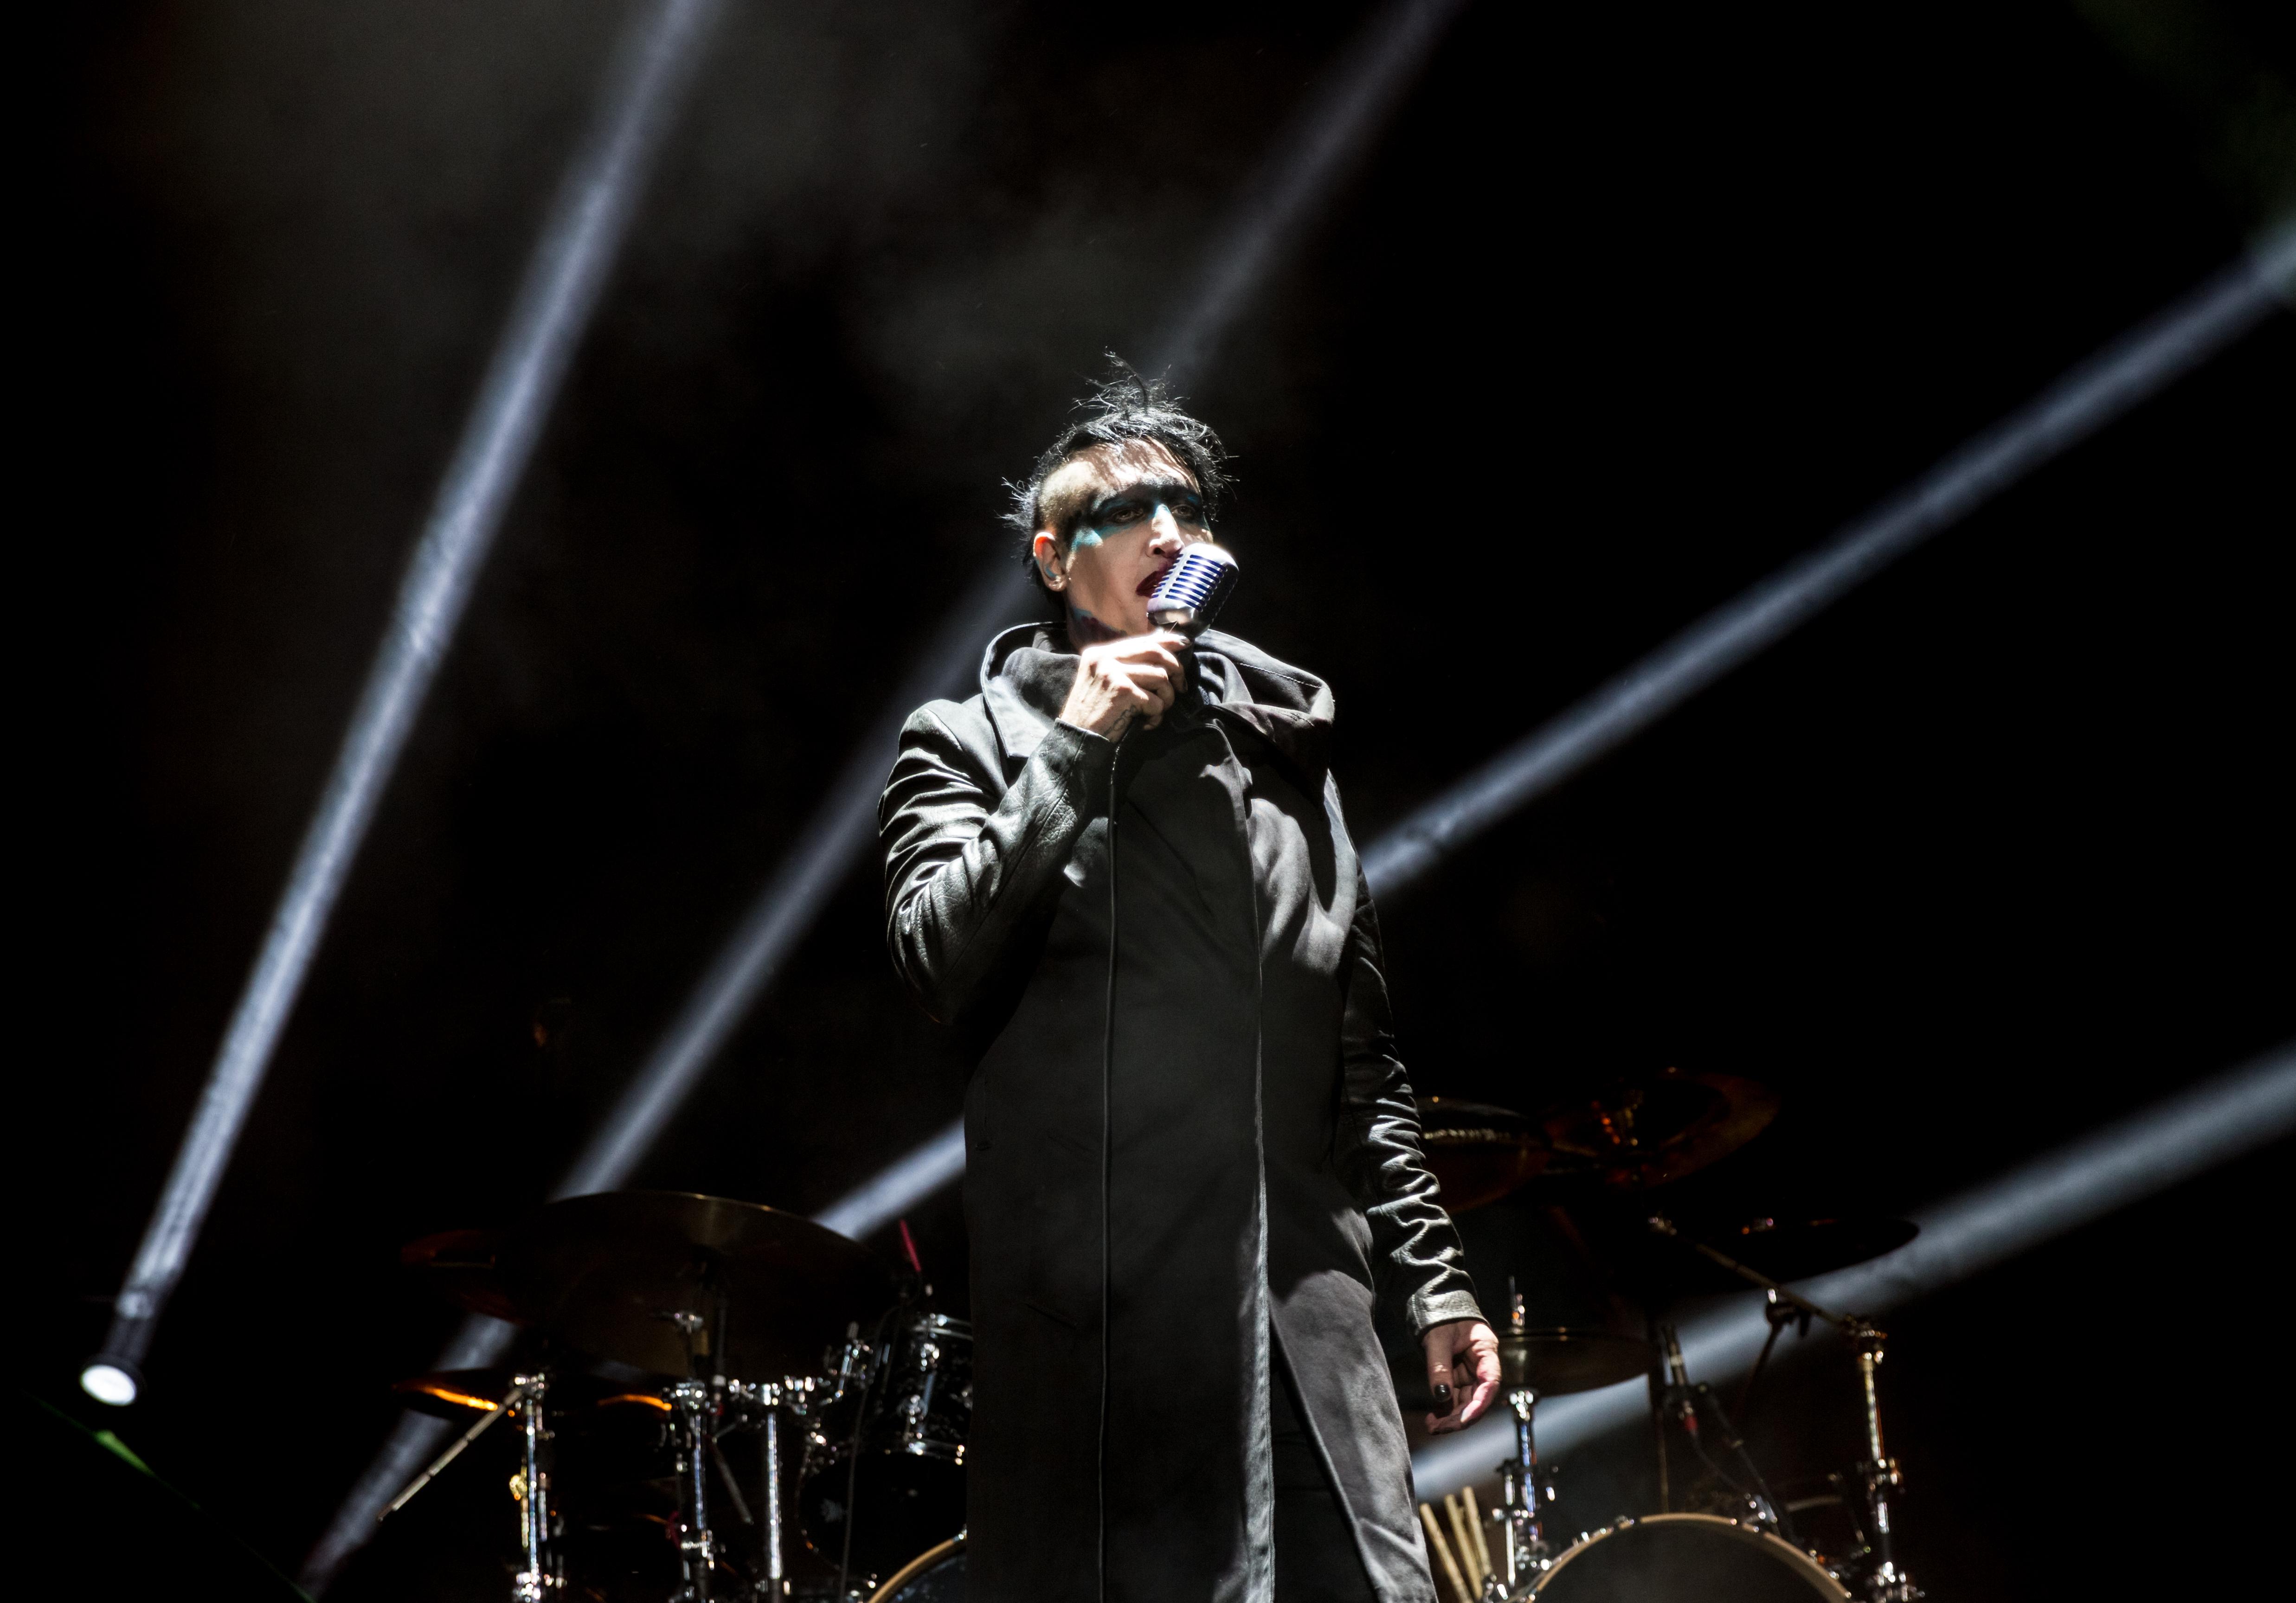 Manson Tour